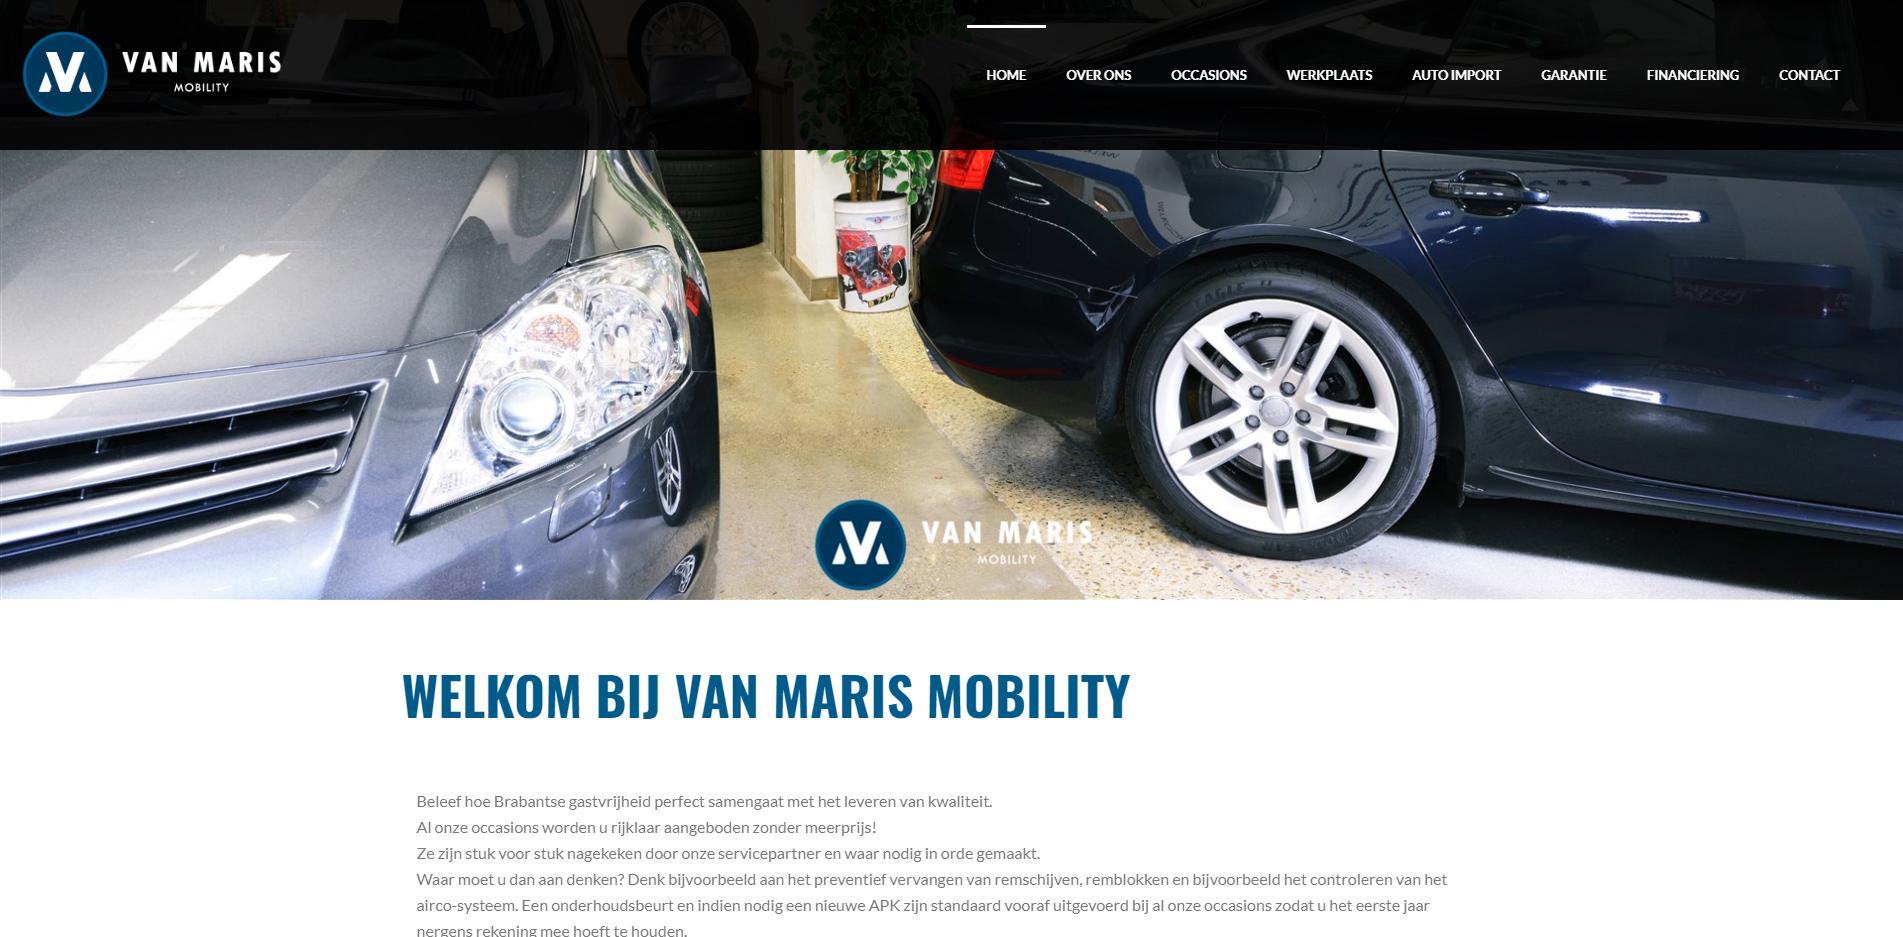 vanmarismobility-home